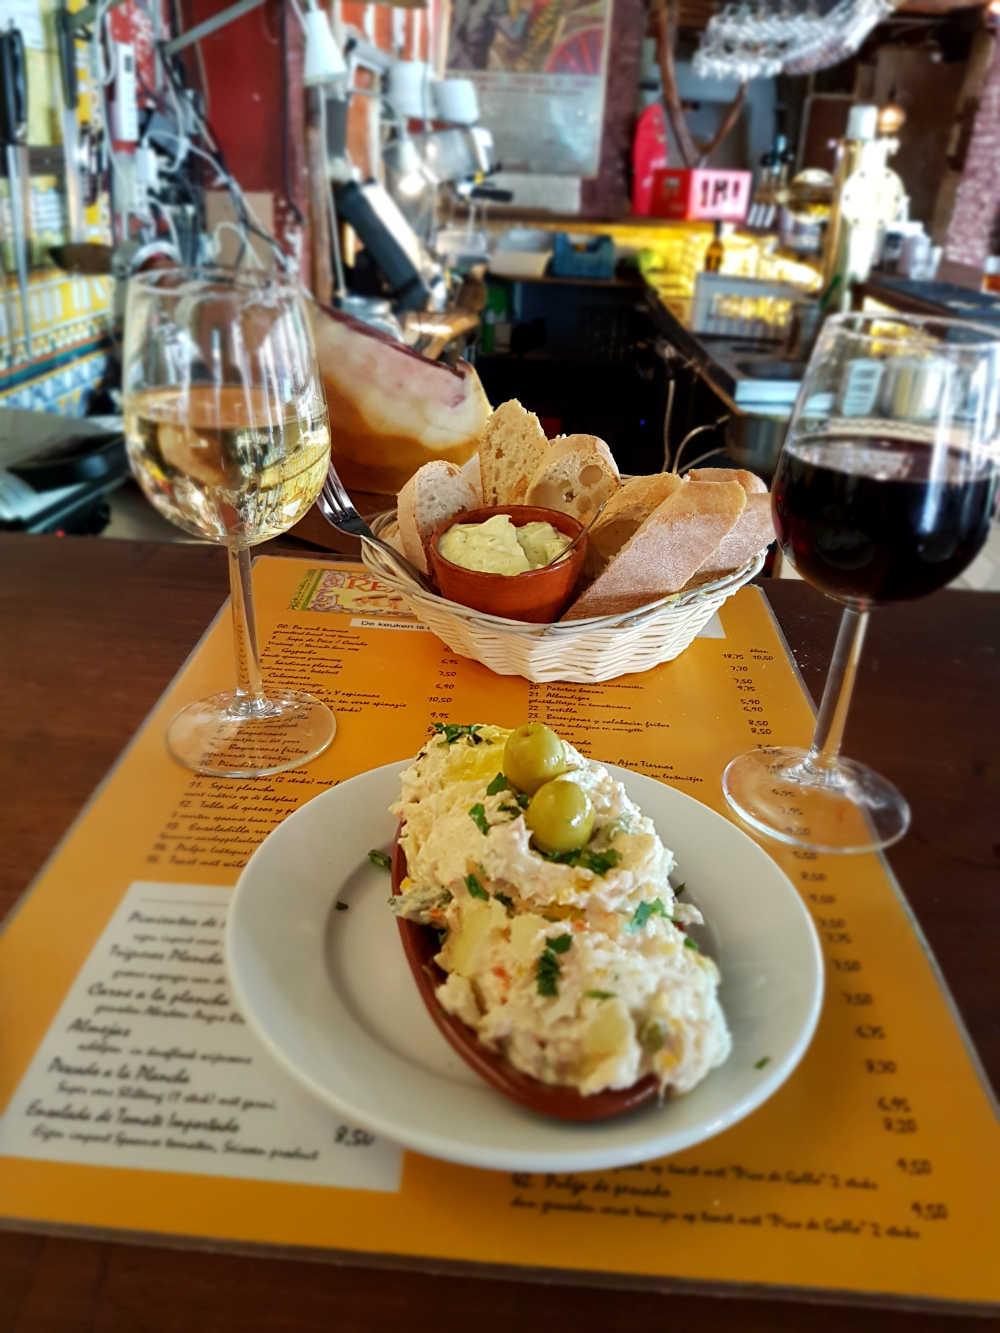 Bread with insaladilla rusa and wine